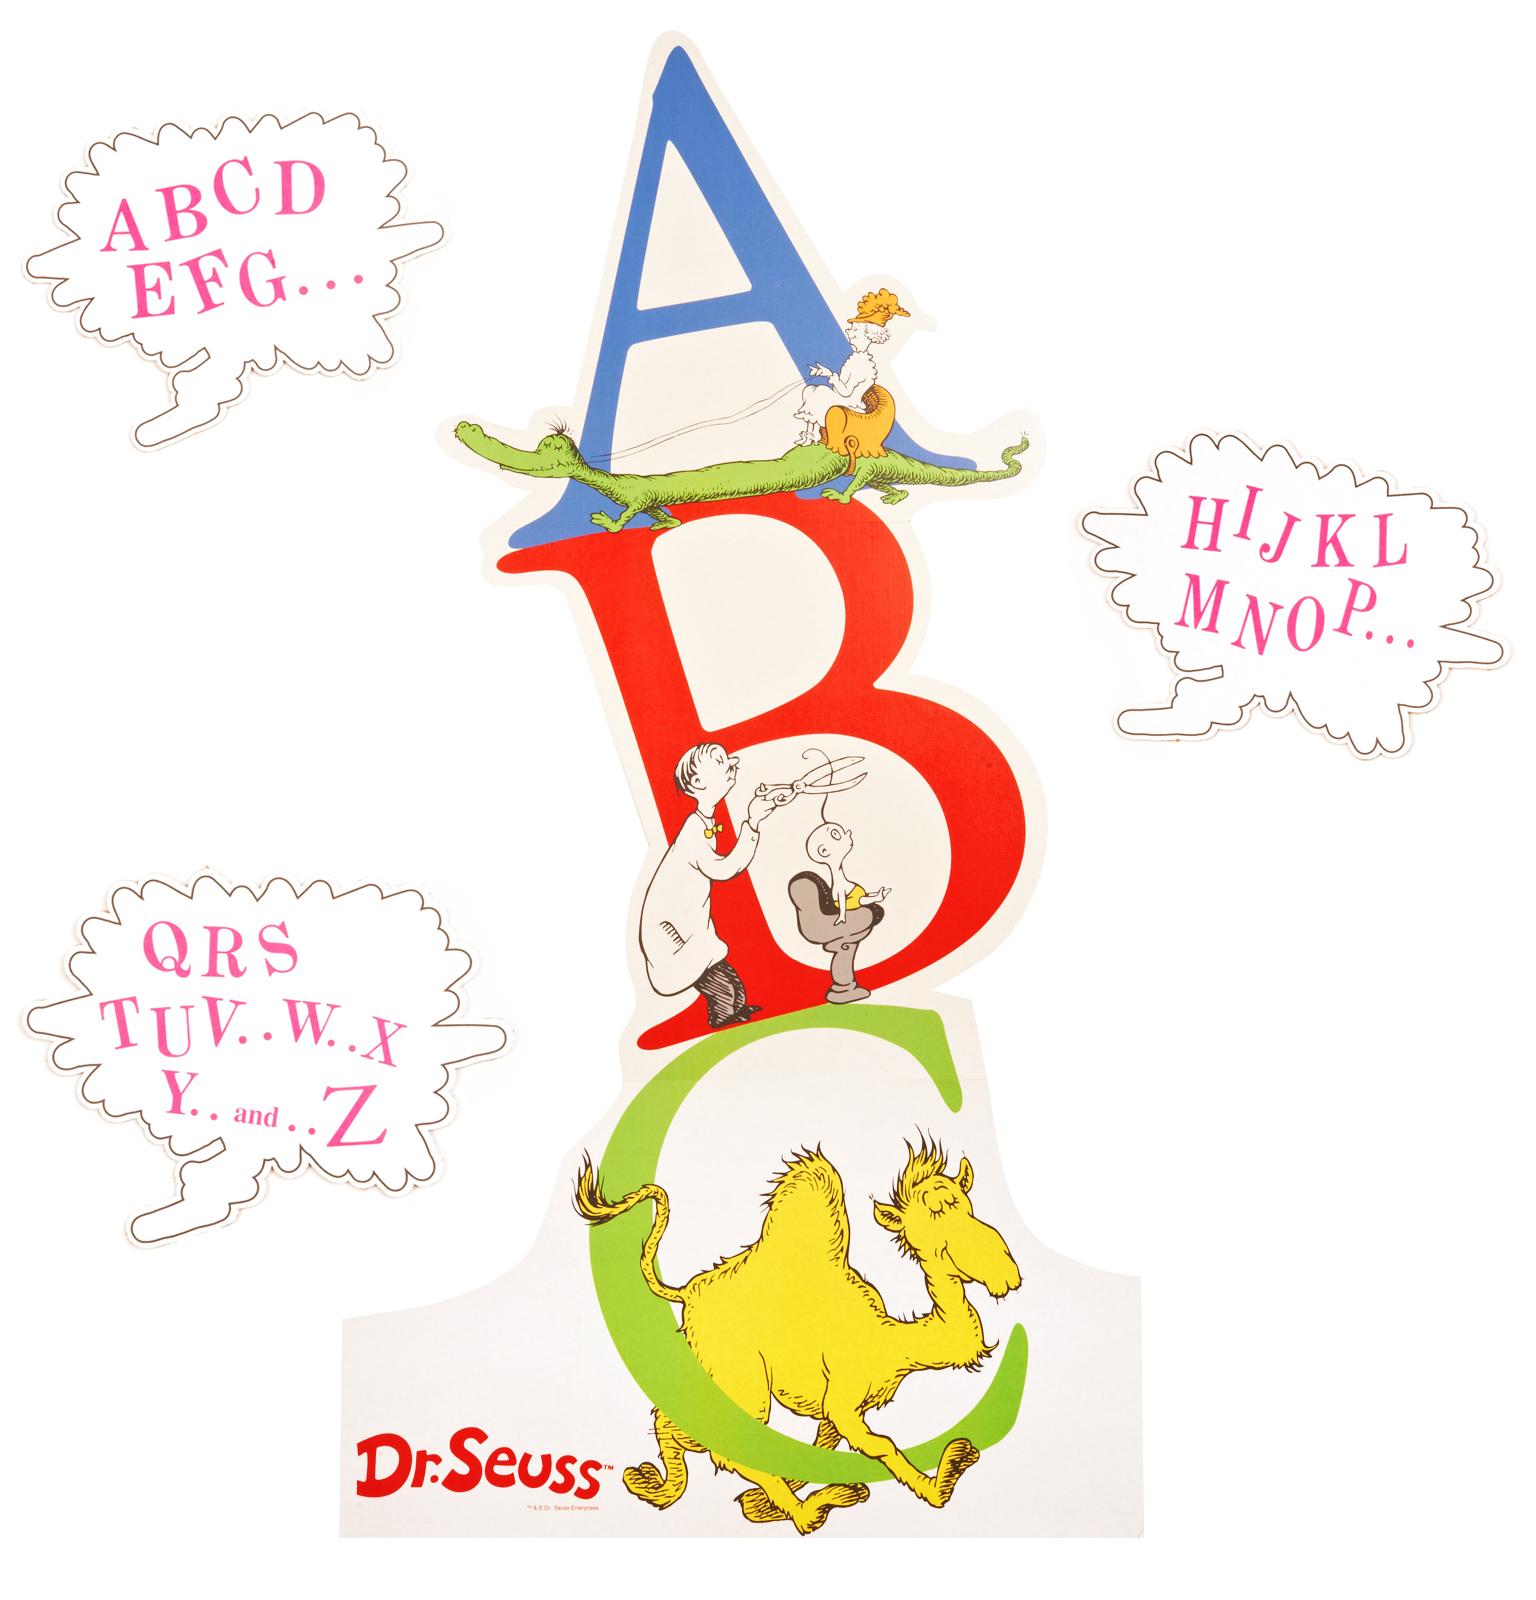 dr seuss abc coloring pages - photo#35